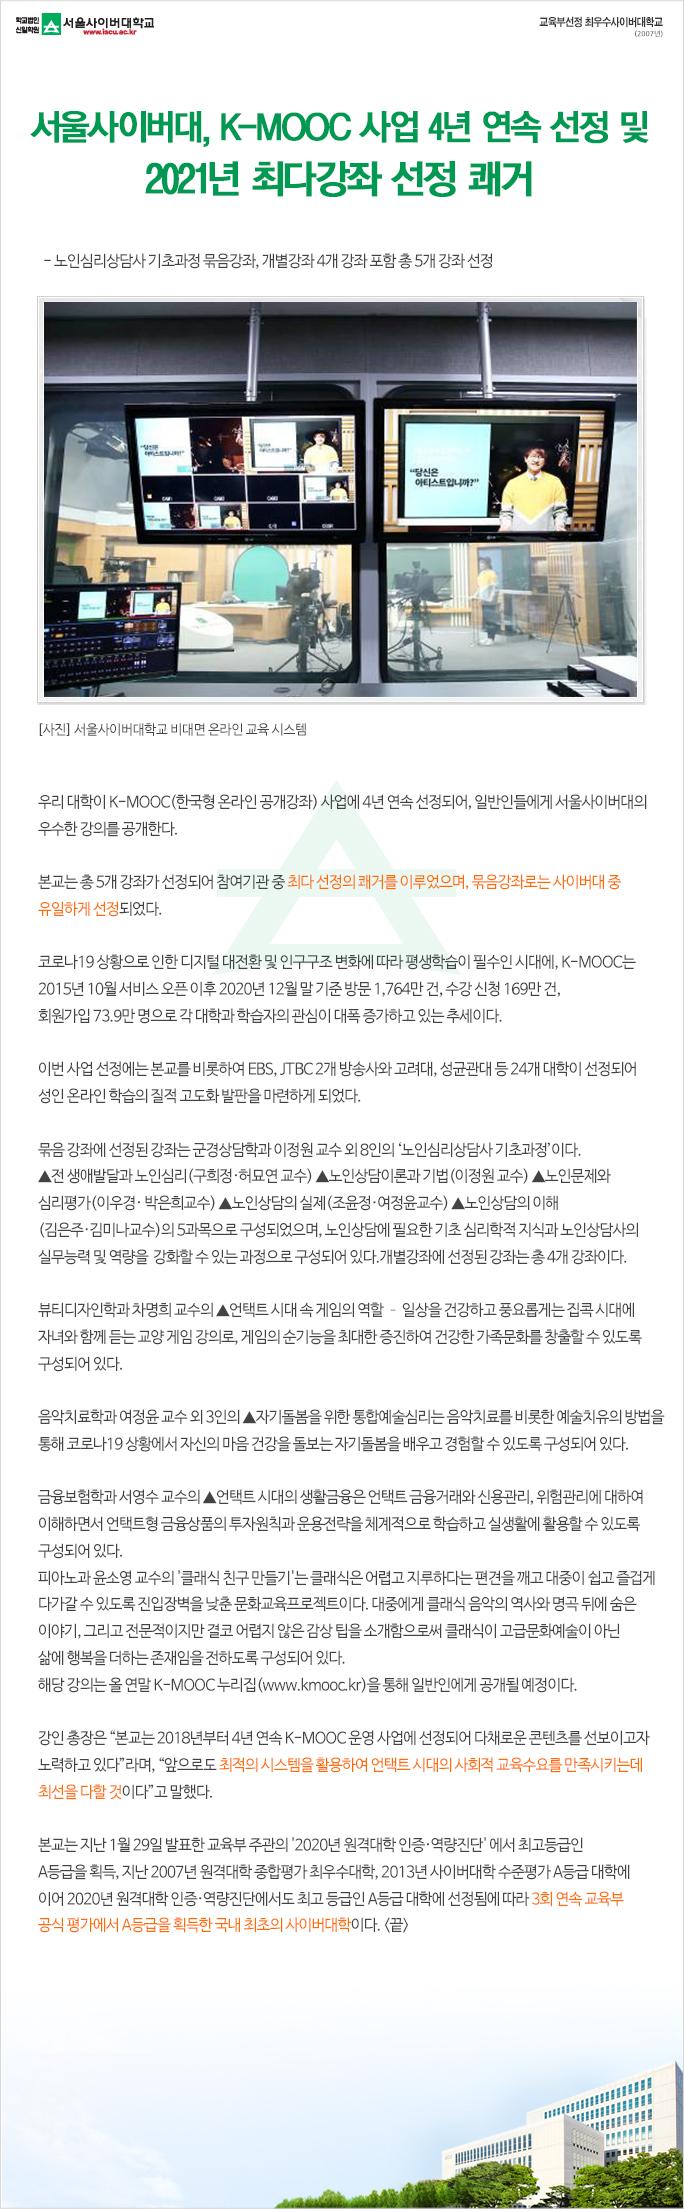 서울사이버대, K-MOOC 사업 4년 연속 선정 및  2021년 최다강좌 선정 쾌거